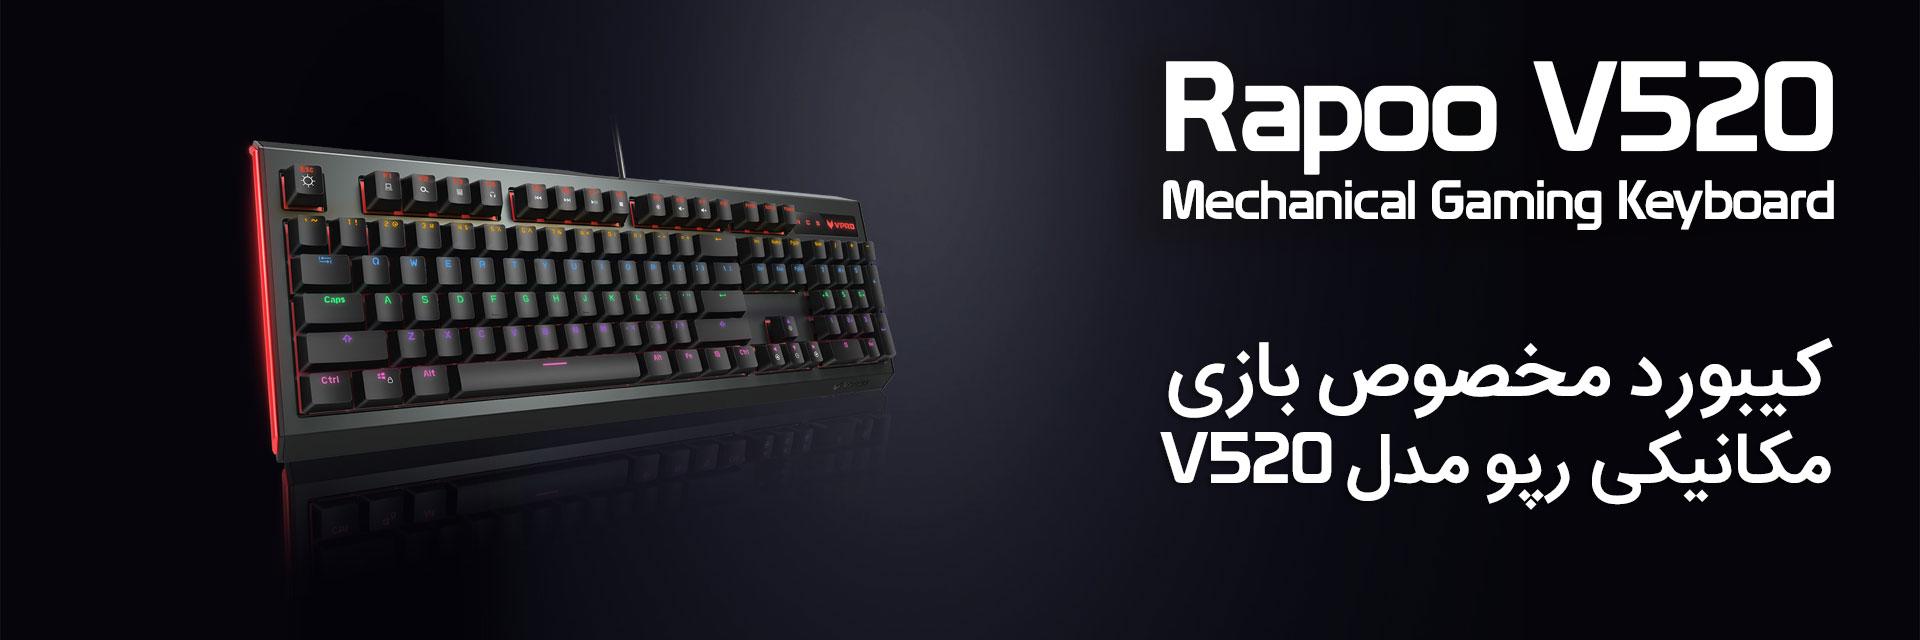 کیبورد مخصوص بازی مکانیکی رپو مدل V520